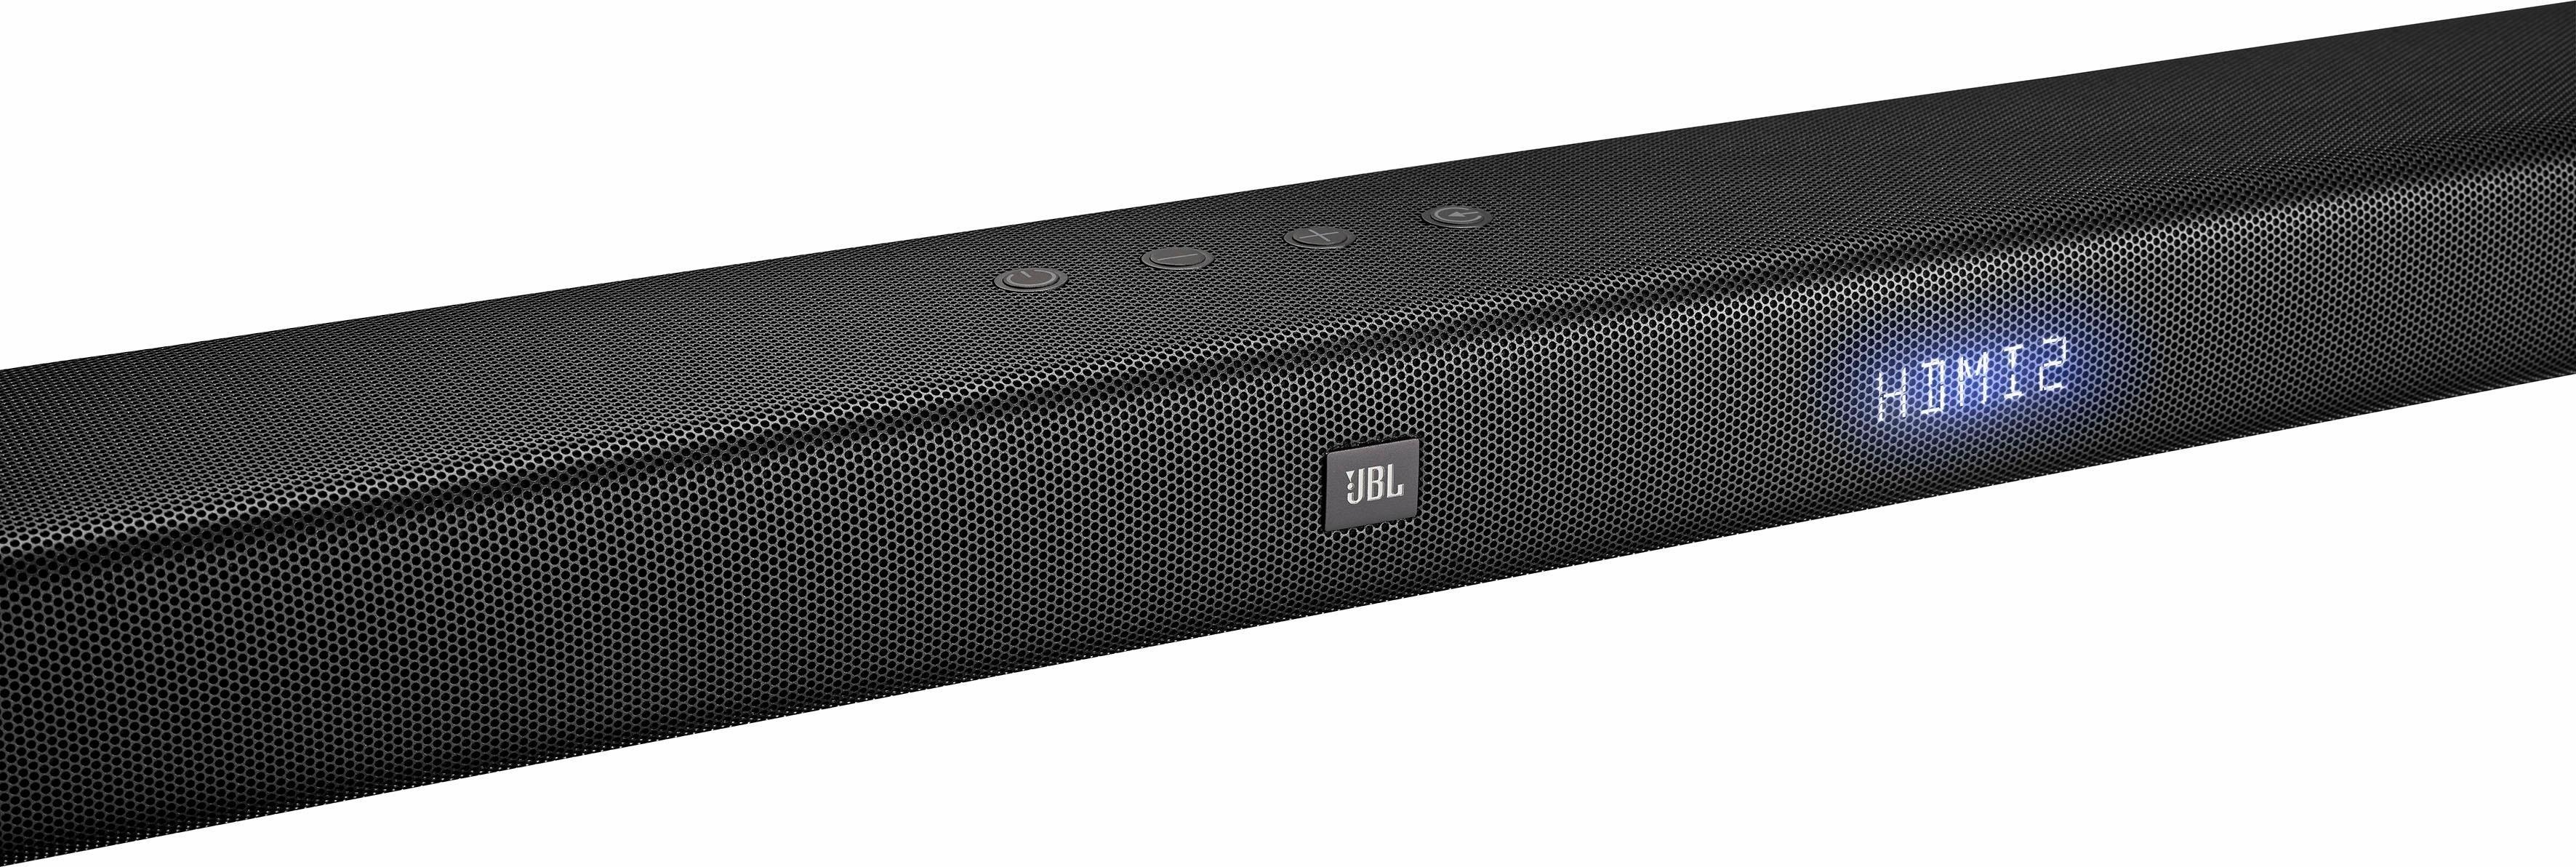 Op zoek naar een JBL »Bar 5.1« 5.1 soundbar (510 W)? Koop online bij OTTO